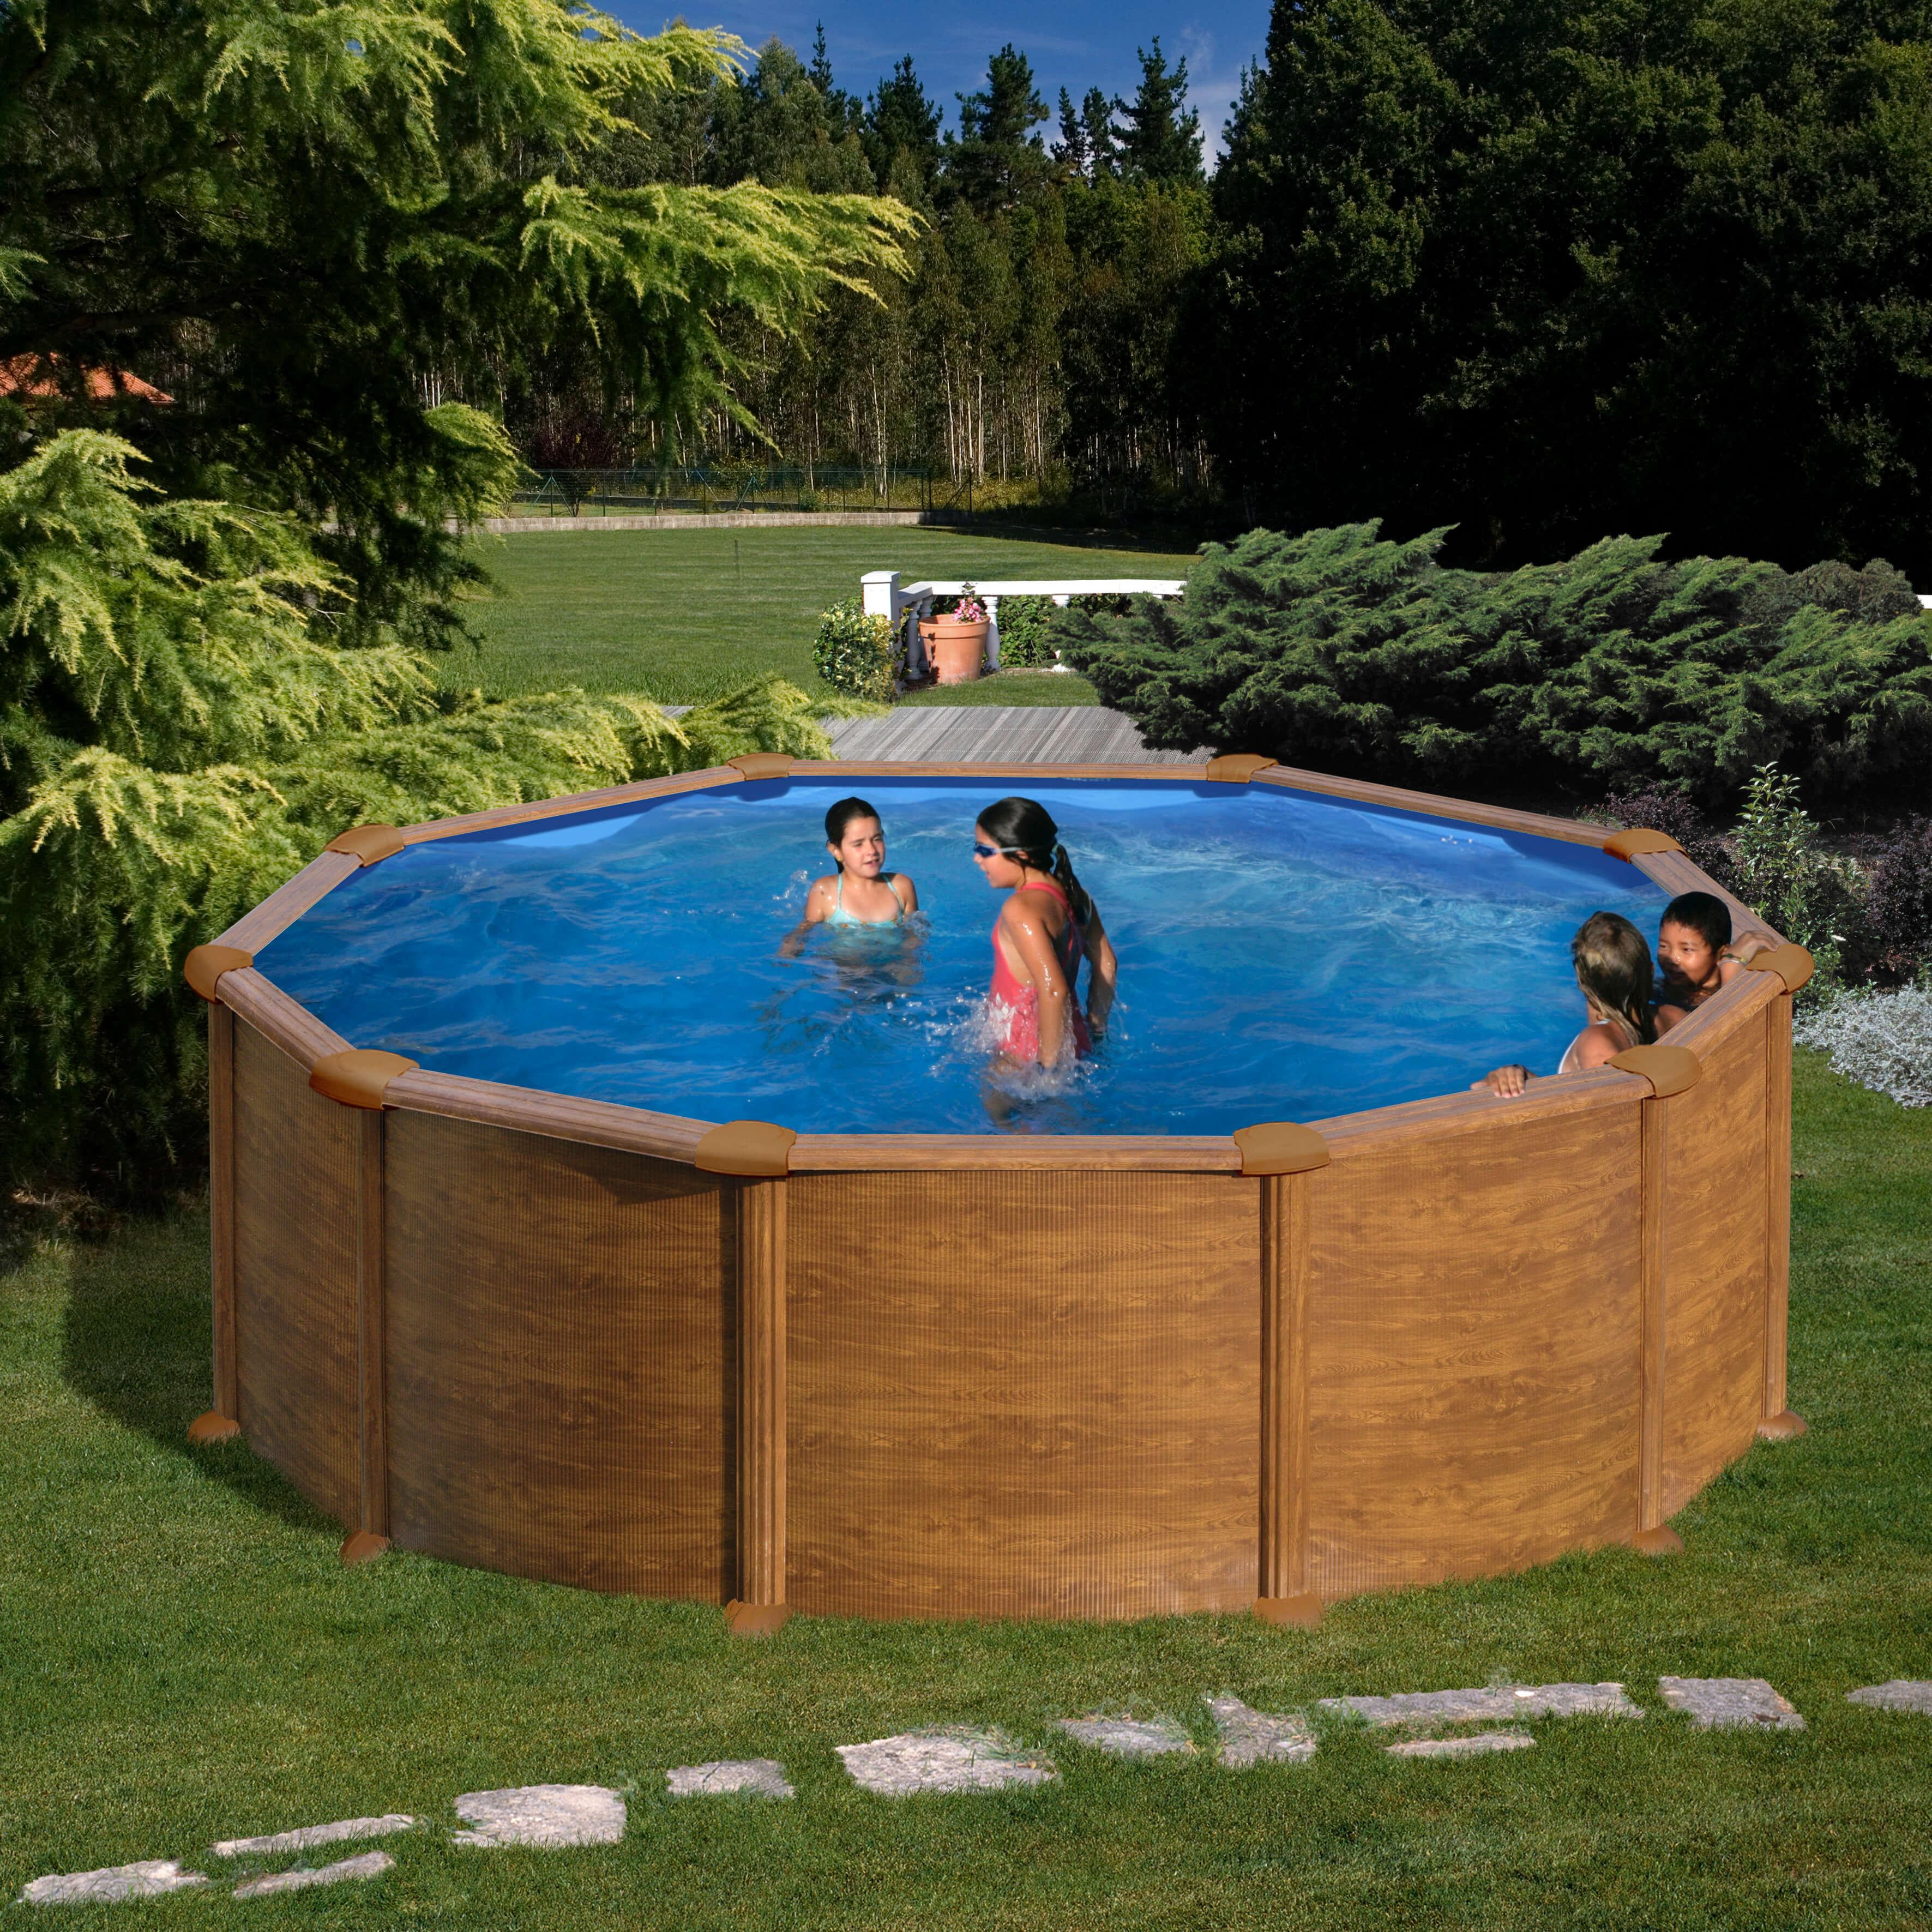 Comment Monter Une Piscine Hors Sol piscine hors sol mauritius Ø370 x h 132 cm - filtre à sable